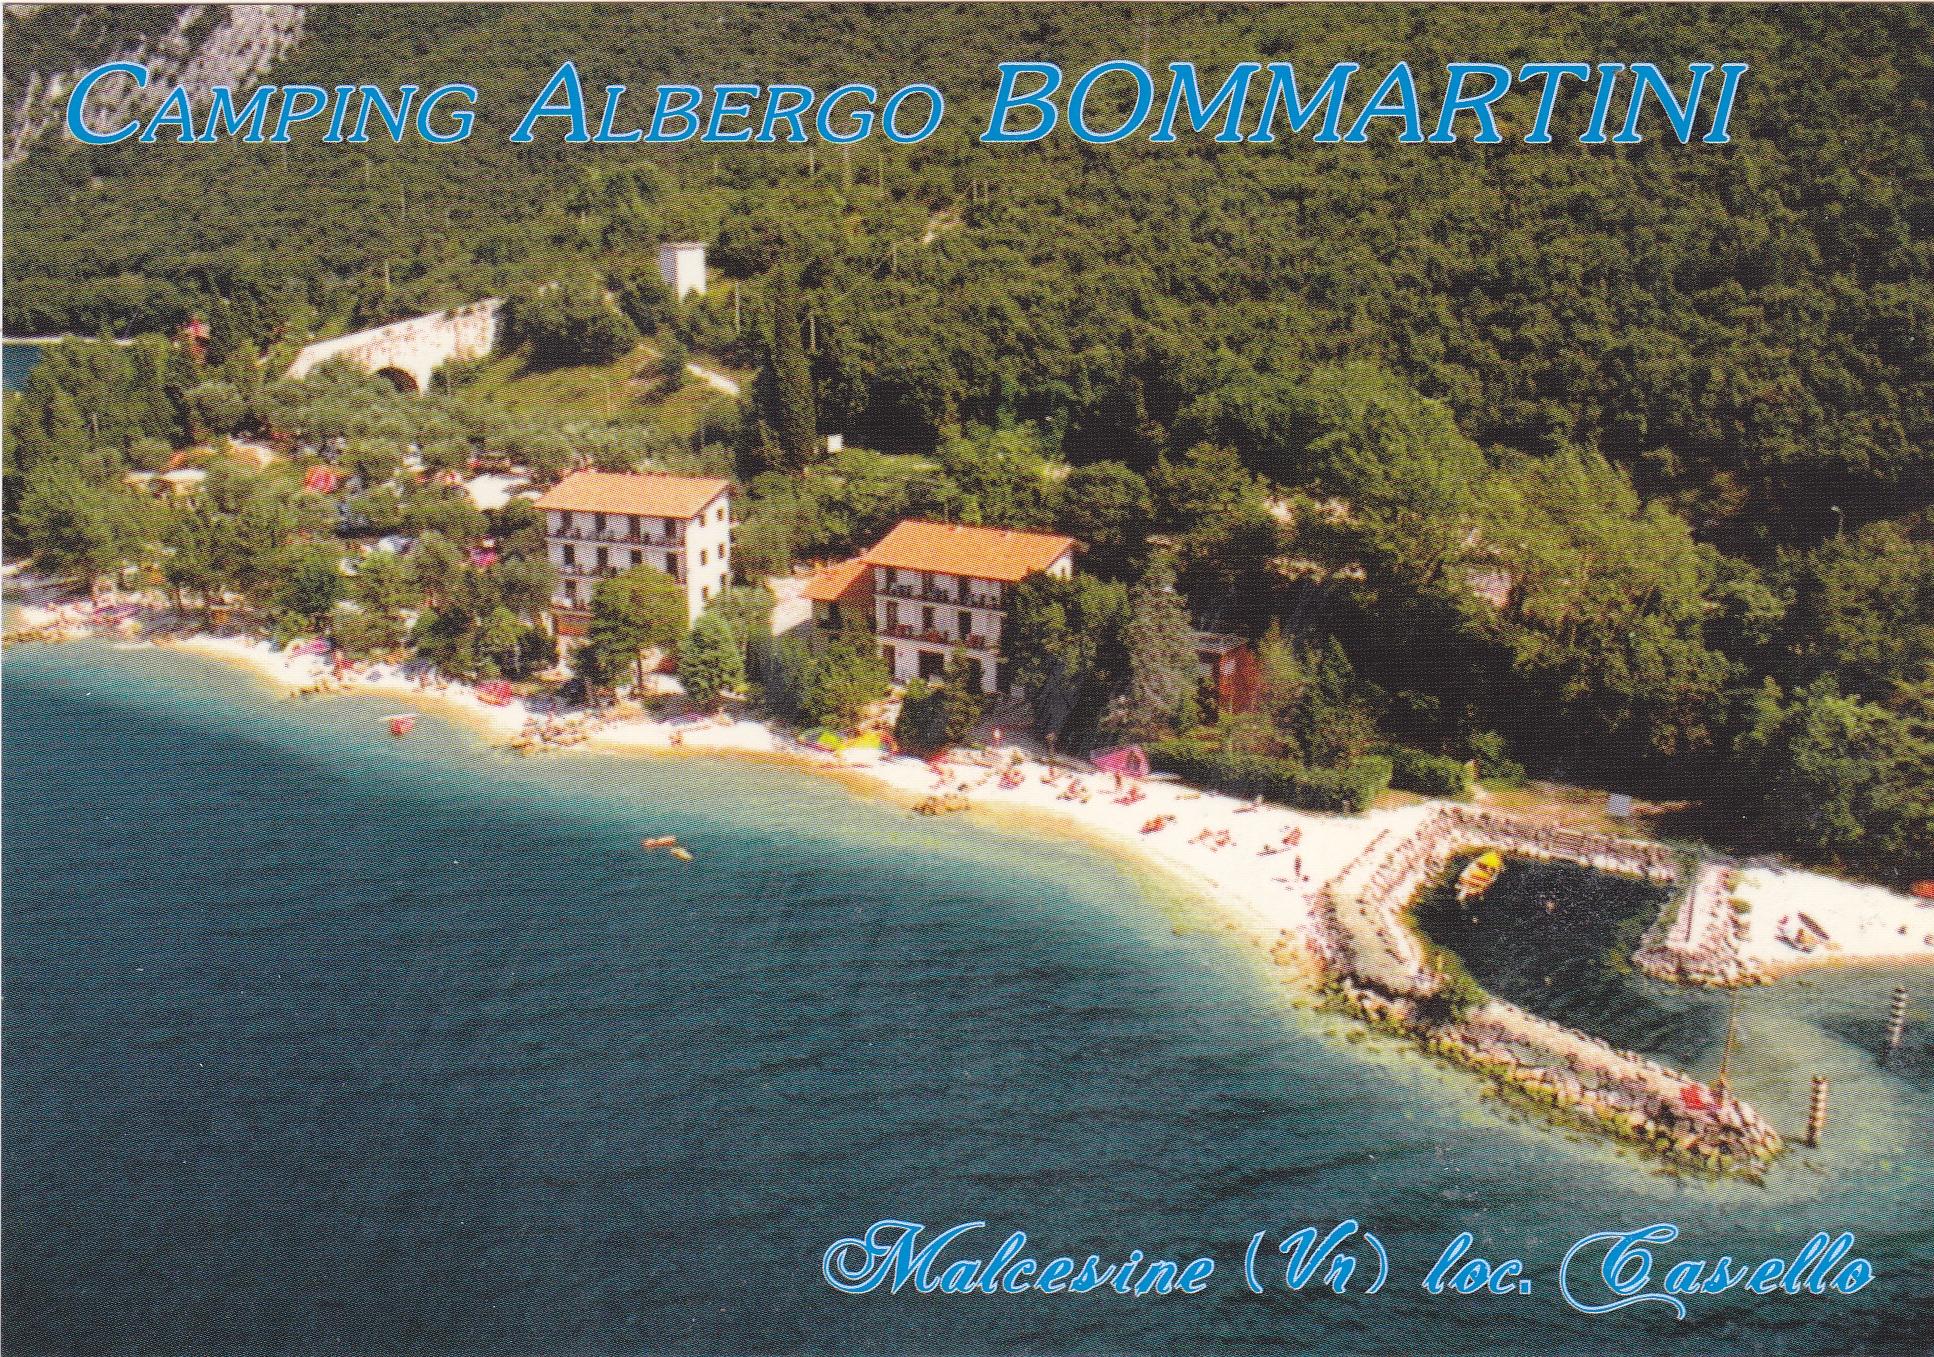 Campeggio-Hotel-Bommartini-Malcesine VR